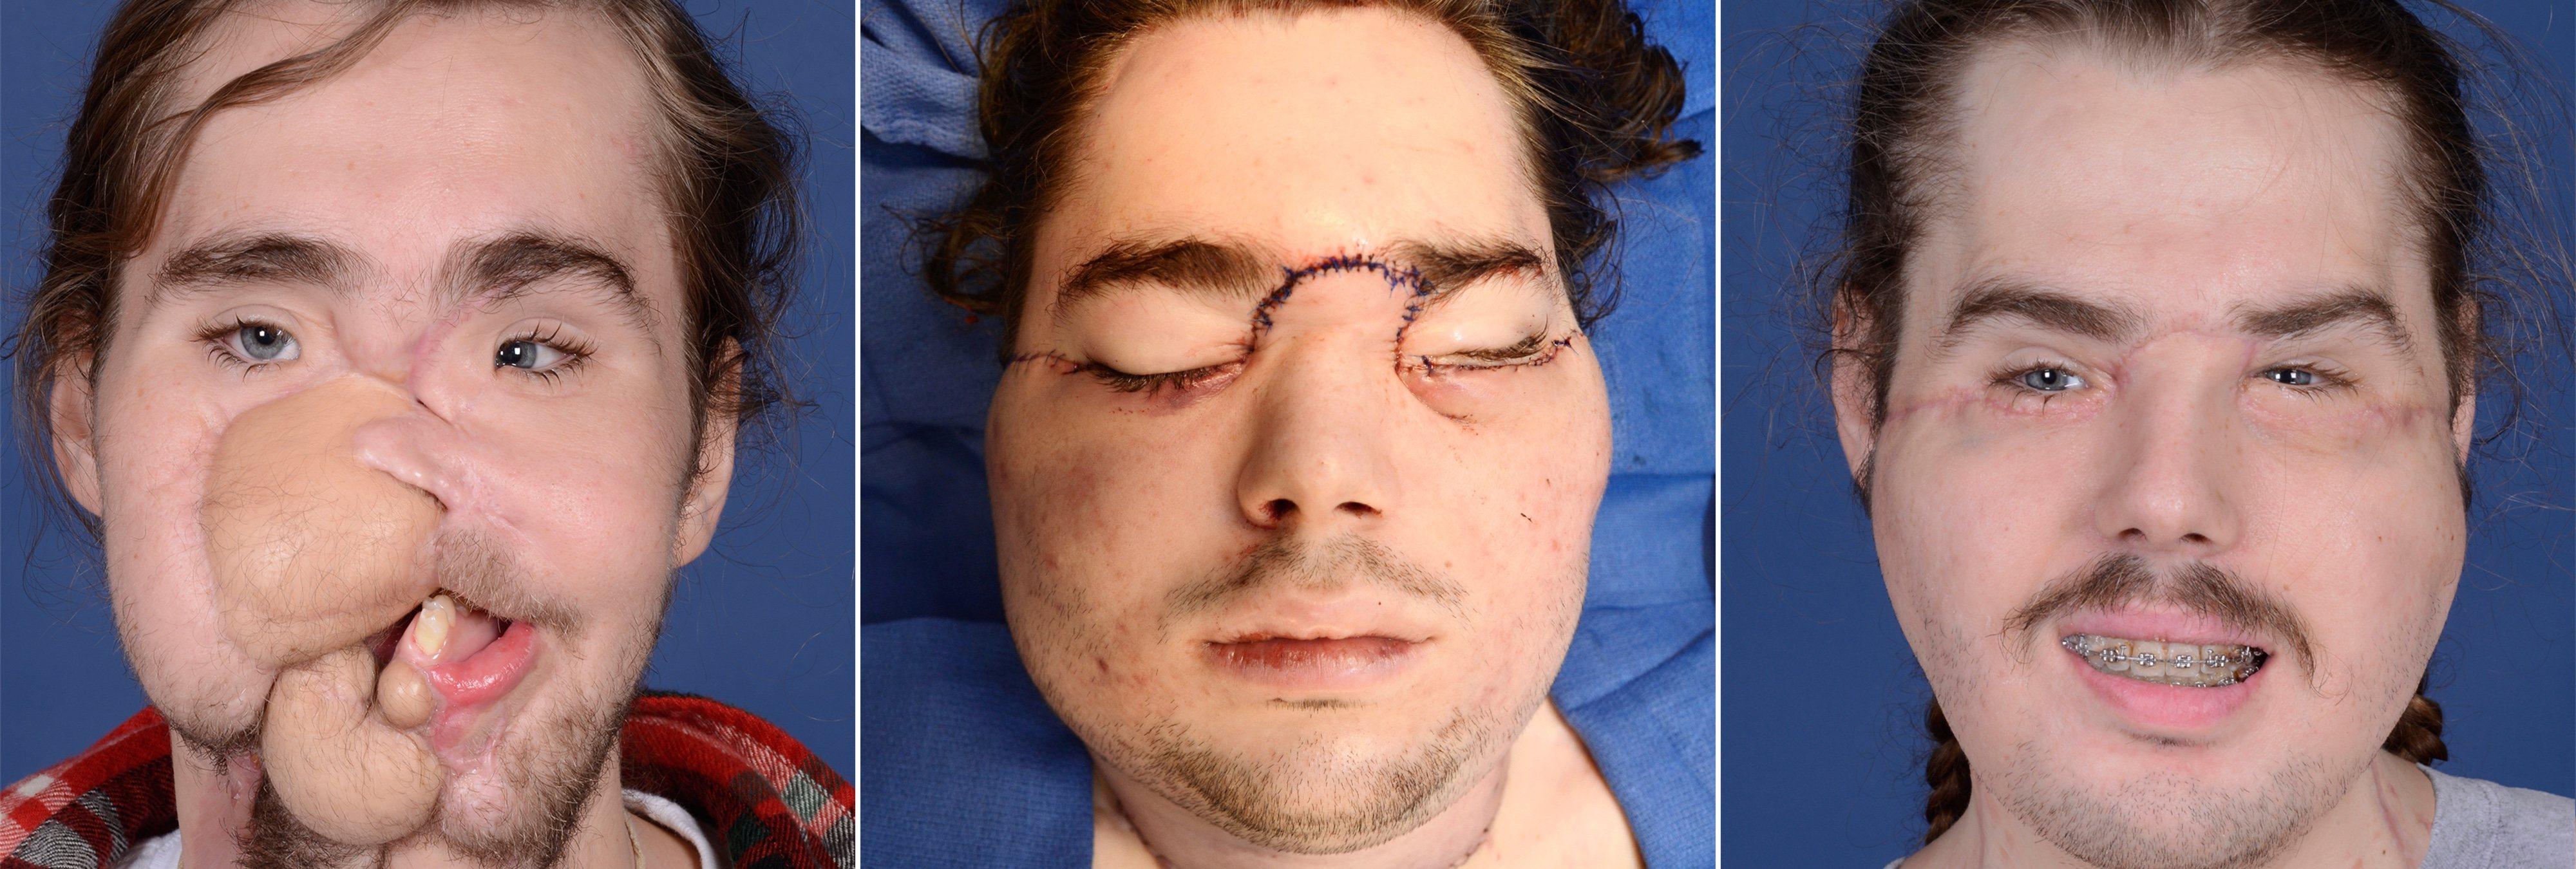 La historia del joven que ha recibido el transplante de cara más avanzado de la historia